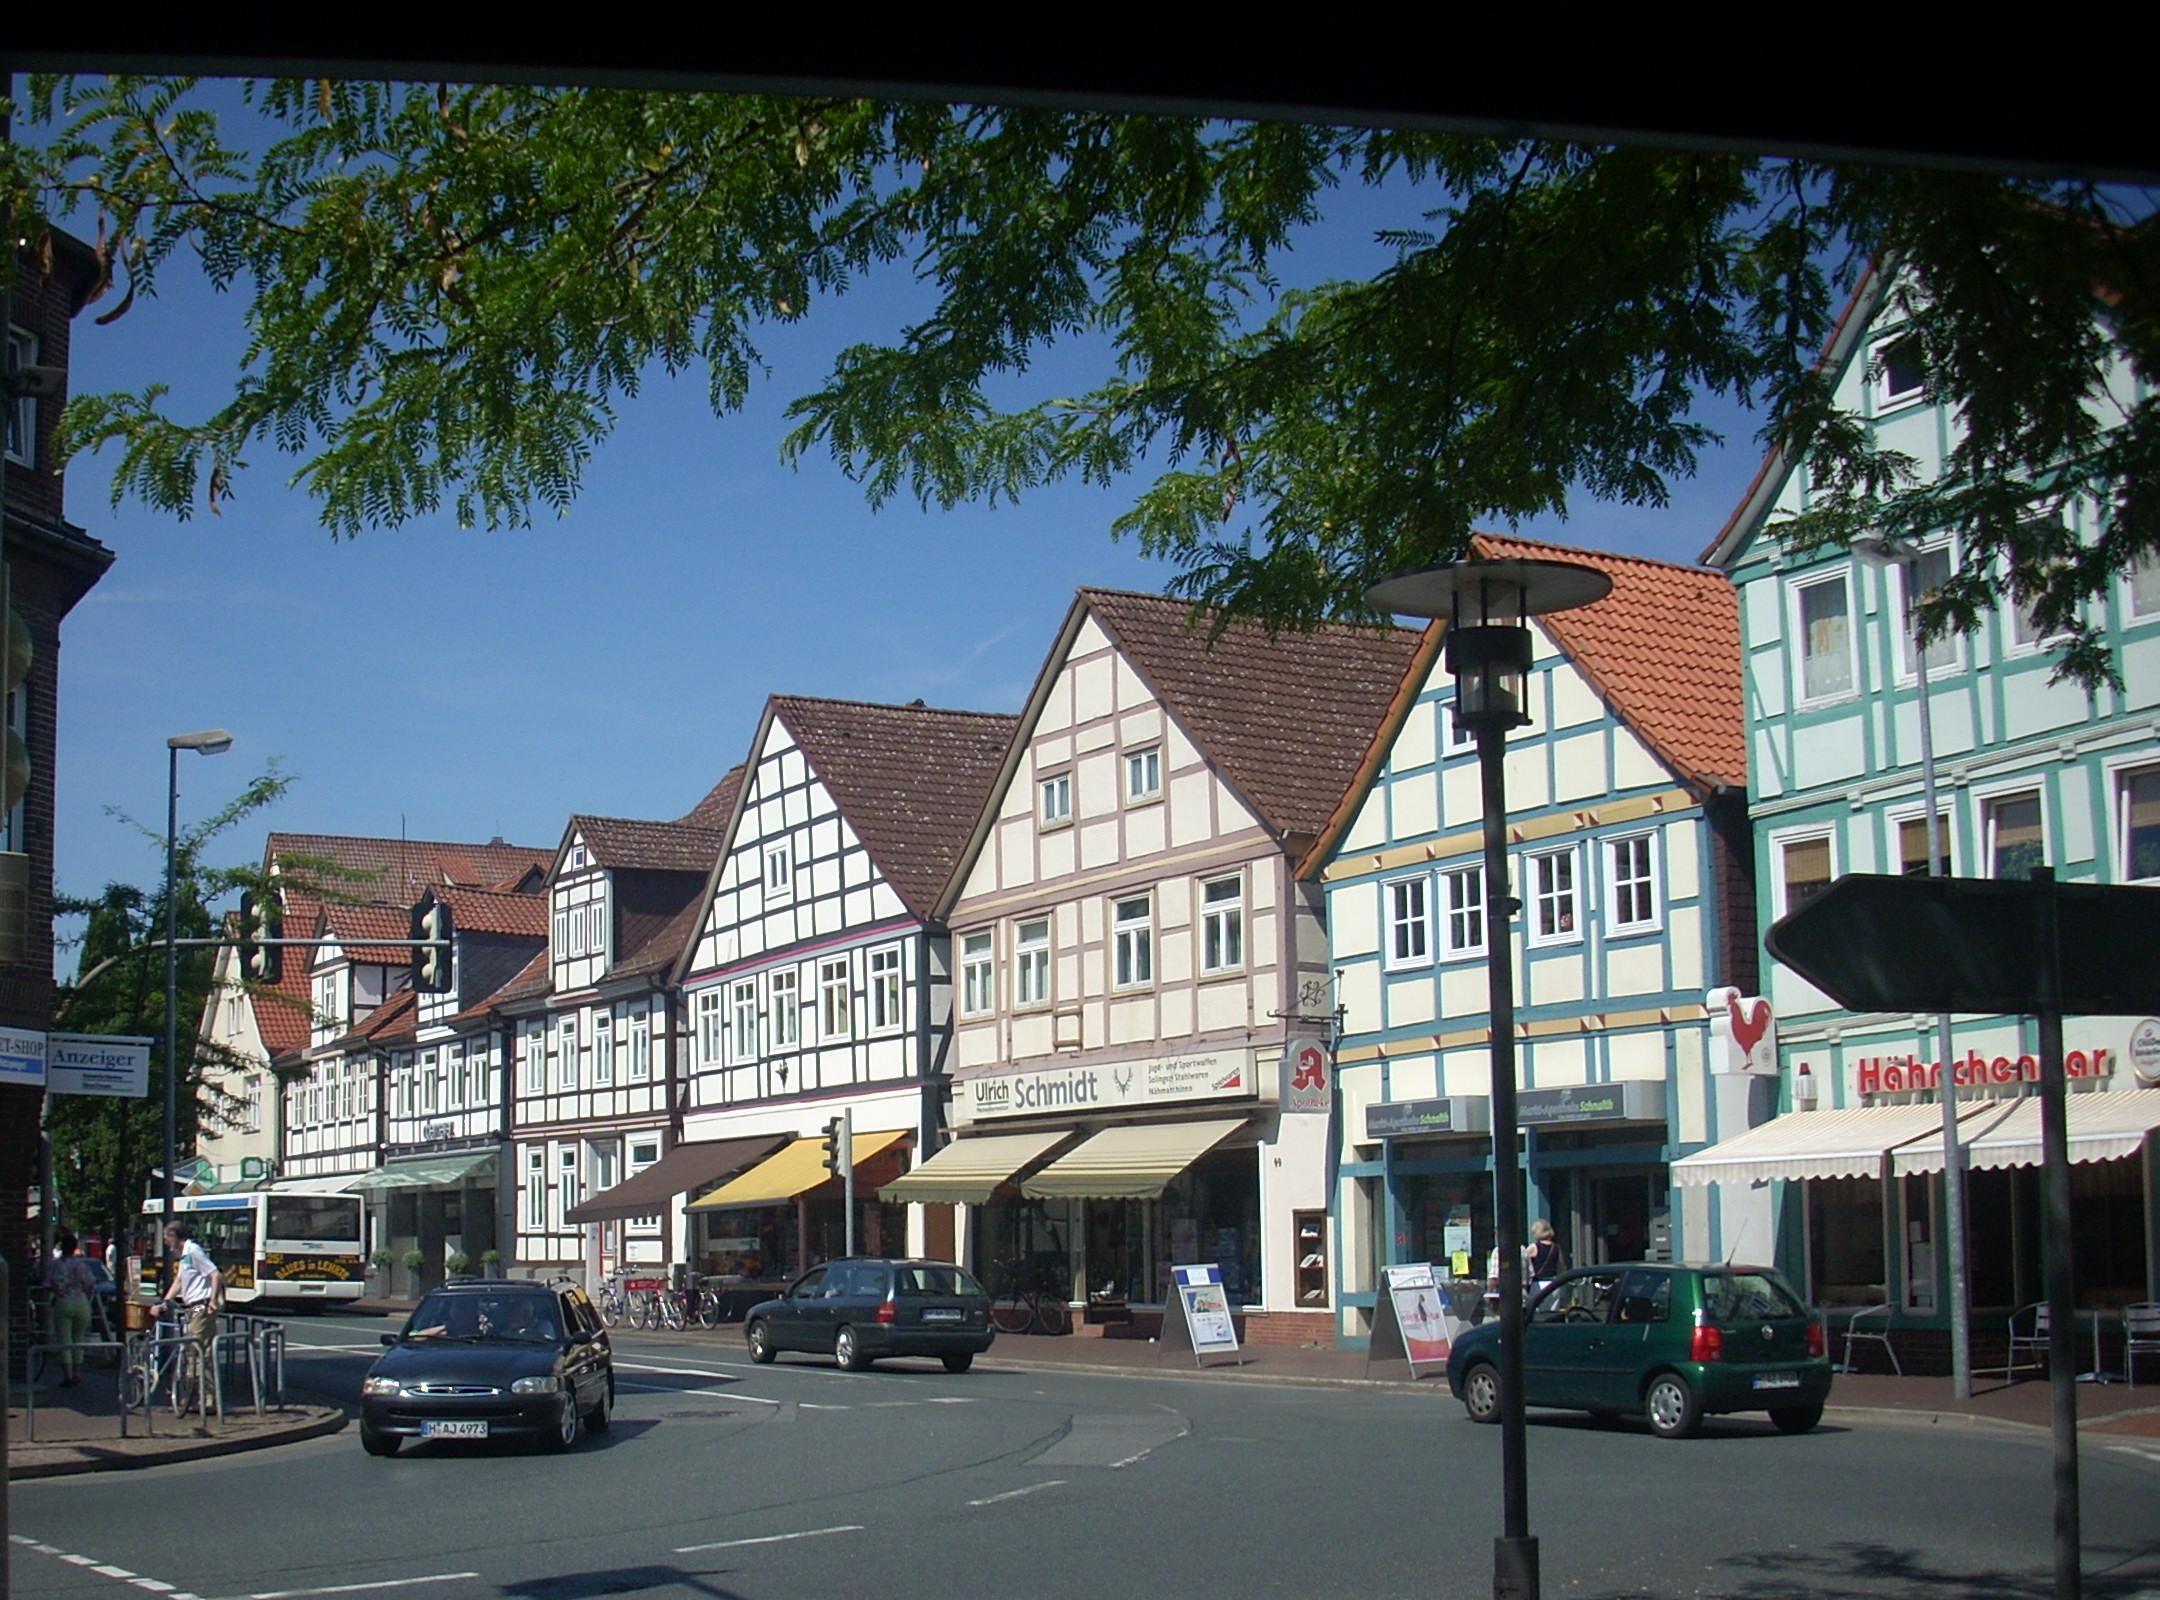 Bild von Burgdorf (Region Hannover): <center>Häuser an der Markstraße</center>